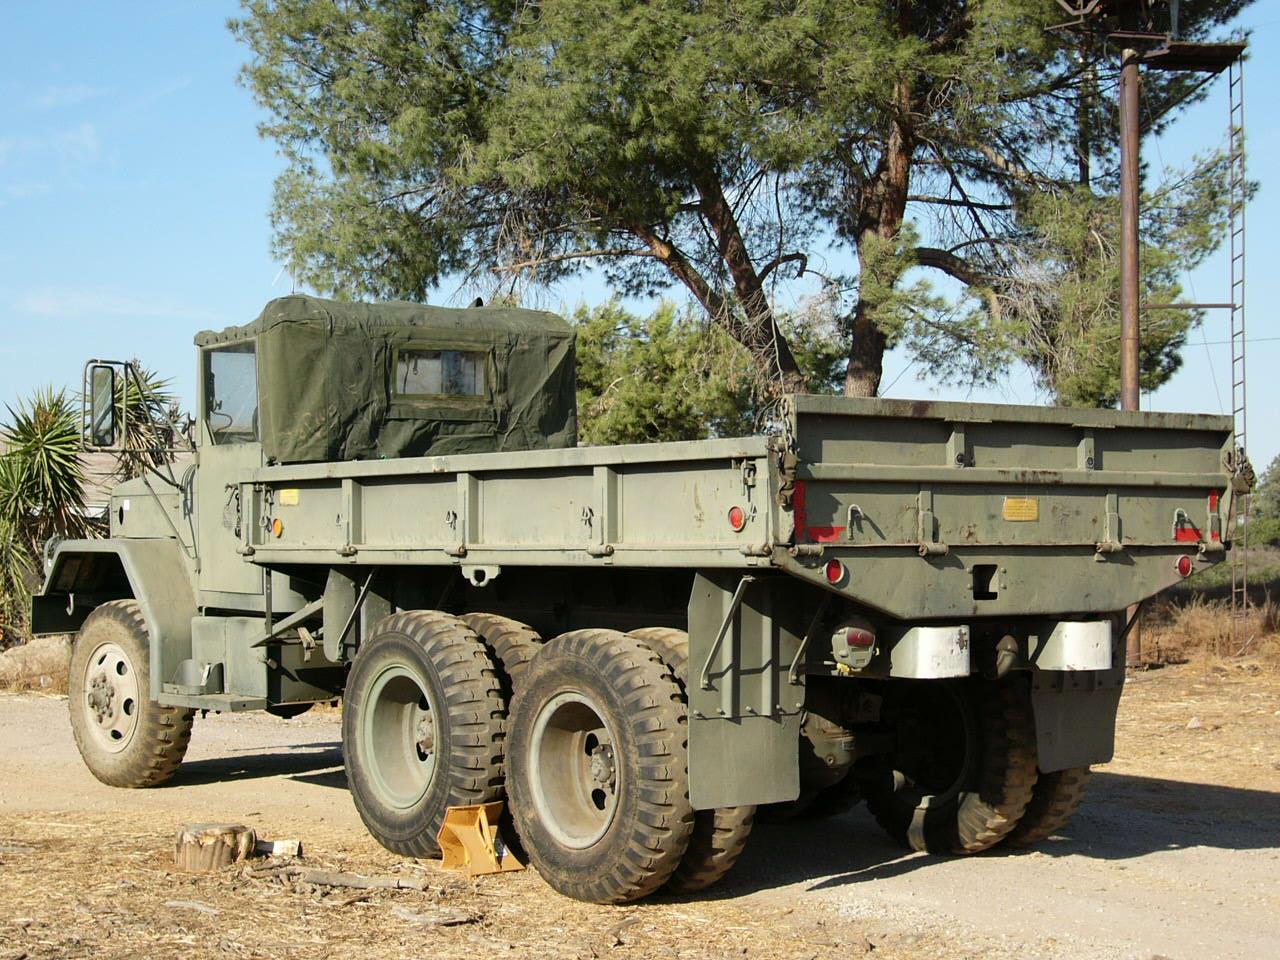 M35a2c 25 Ton 66 Cargo Truck Marks Tech Journal